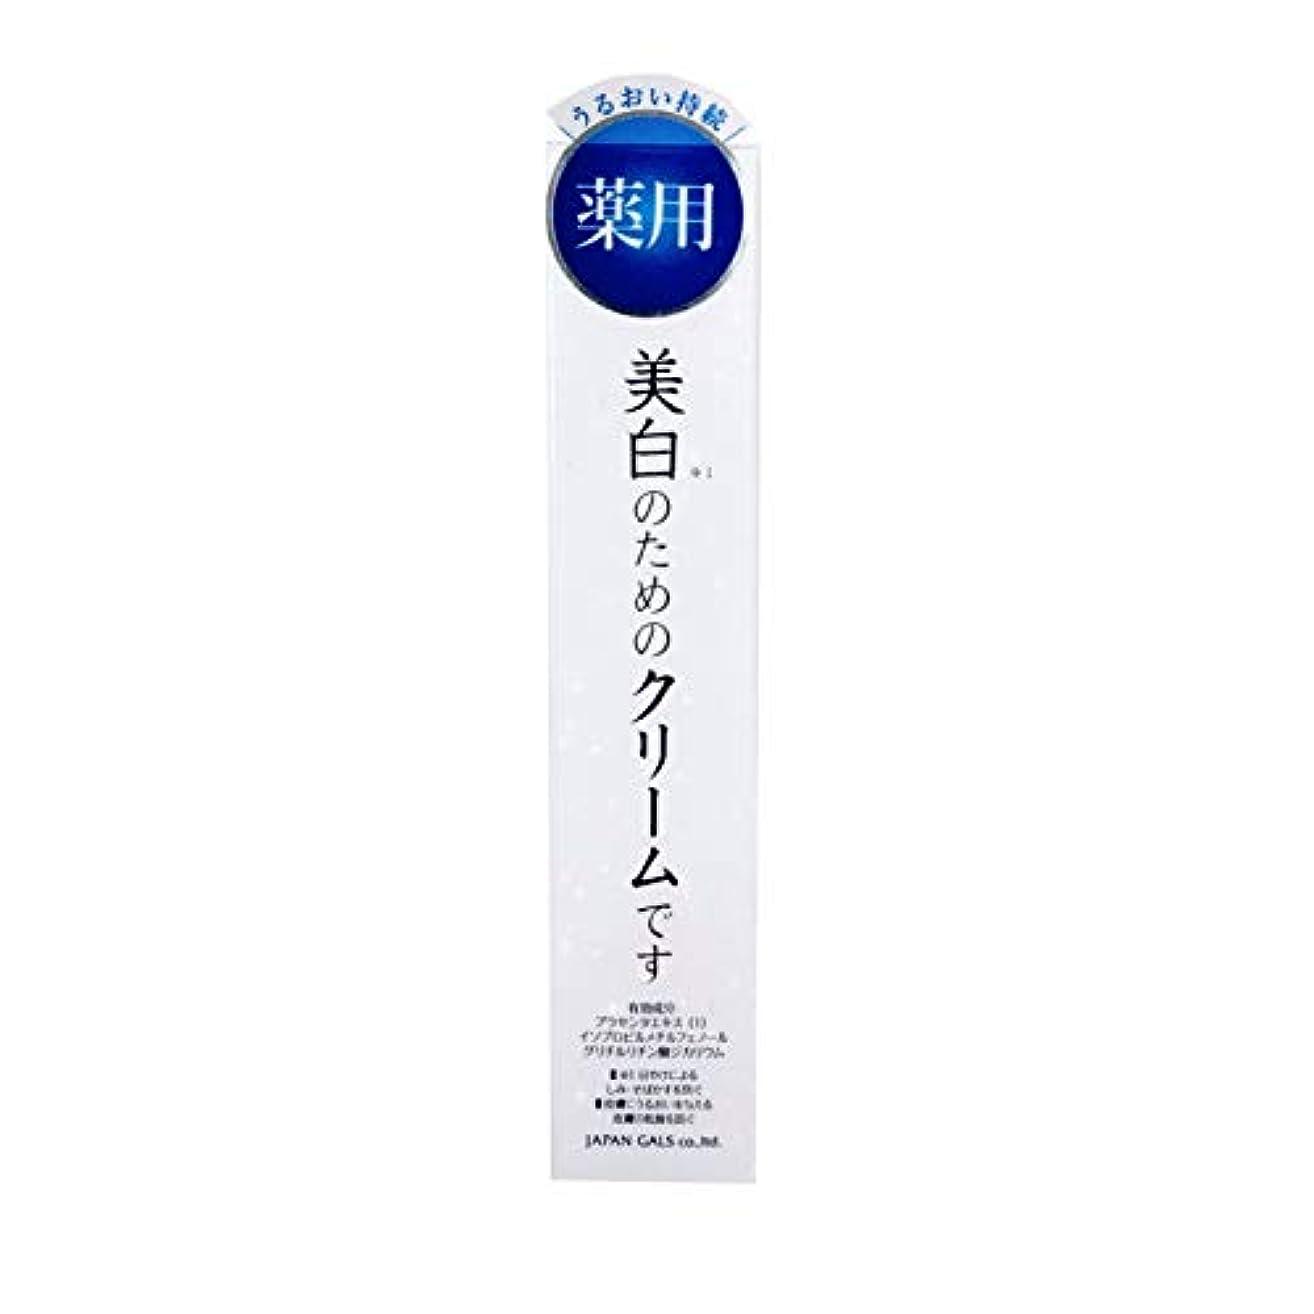 いろいろメイン実証する【医薬部外品】ホワイトセラムクリーム 40g